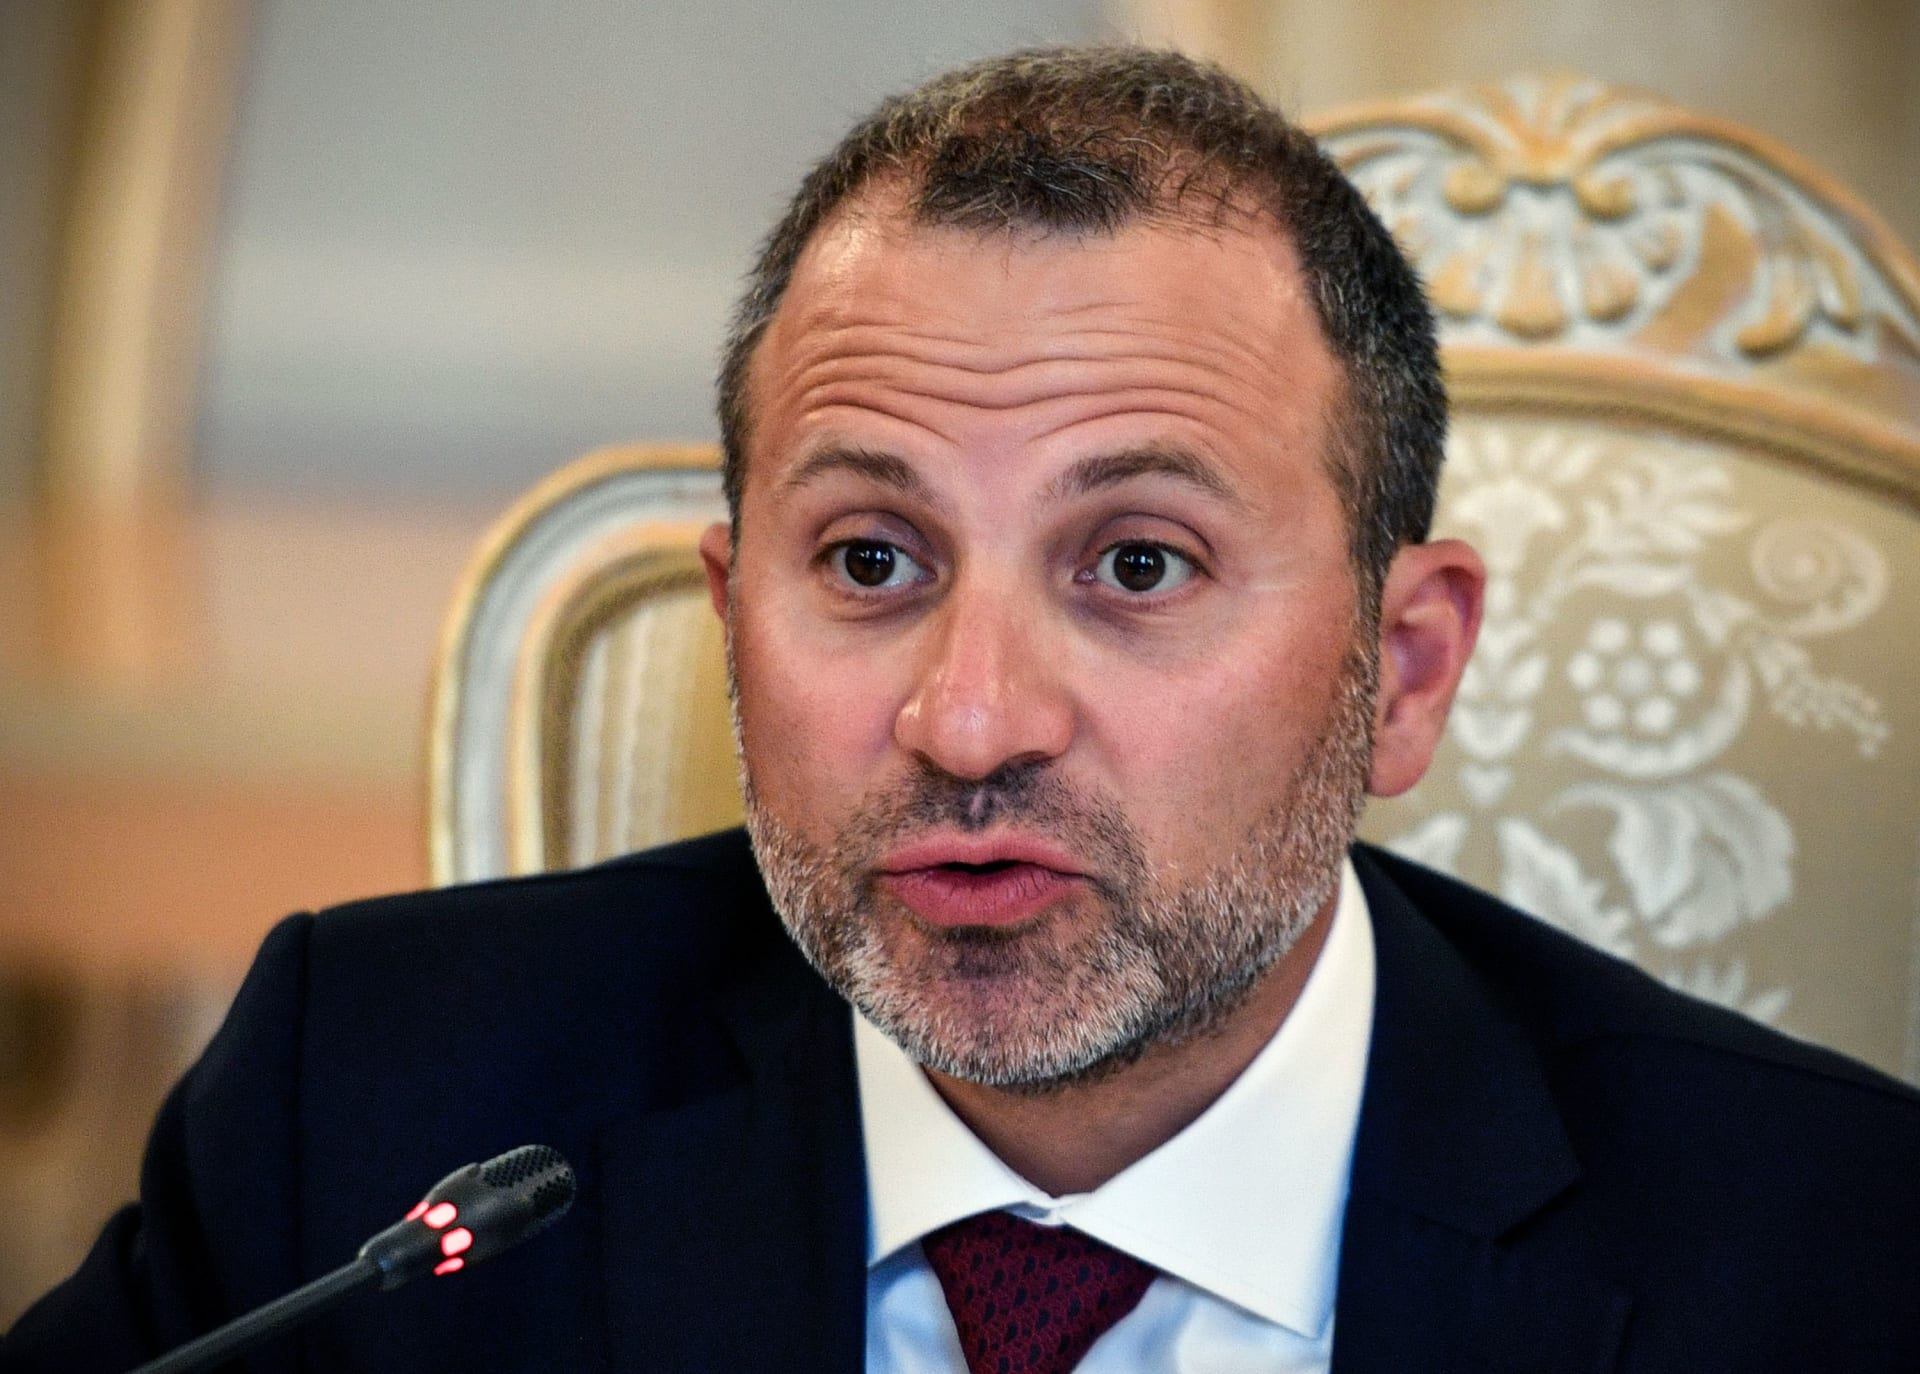 وزير الخارجية اللبناني يطالب ليبيا بالكشف عن مصير موسى الصدر ويأسف لغيابها عن القمة الاقتصادية